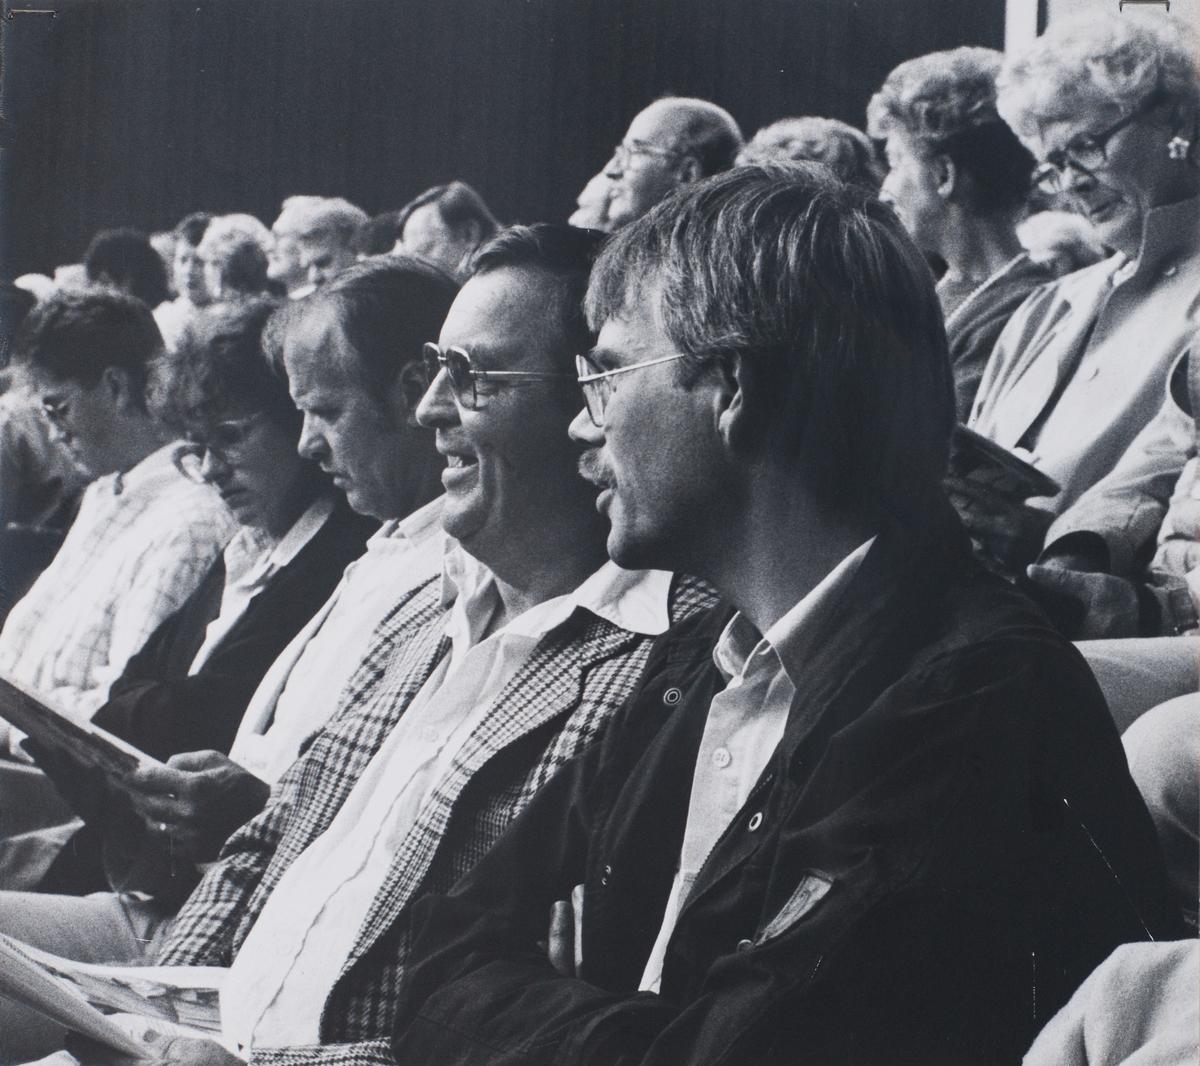 """Giv oss fred, även kallat Arbogaspelet. Publik. Föreställningen spelas på museets innegård.  Giv oss fred är ett teaterstycke skrivet av Rune Lindström 1961. Handlingen, som är inspirerad av Arbogas klosterhistoria, är förlagt till början av 1500-talet. Uruppförandet skedde den 11 augusti 1962 och Rune Lindström spelade Engelbrekt Gertsson. Lions Club i Arboga stod för arrangemanget. Föreställningarna regnade bort och det blev ett stort ekonomiskt bakslag för föreningen. Spelet har framförts igen; 1987, 1988, 2012 och 2015 av medlemmar i """"Bygdespelets Vänner""""."""